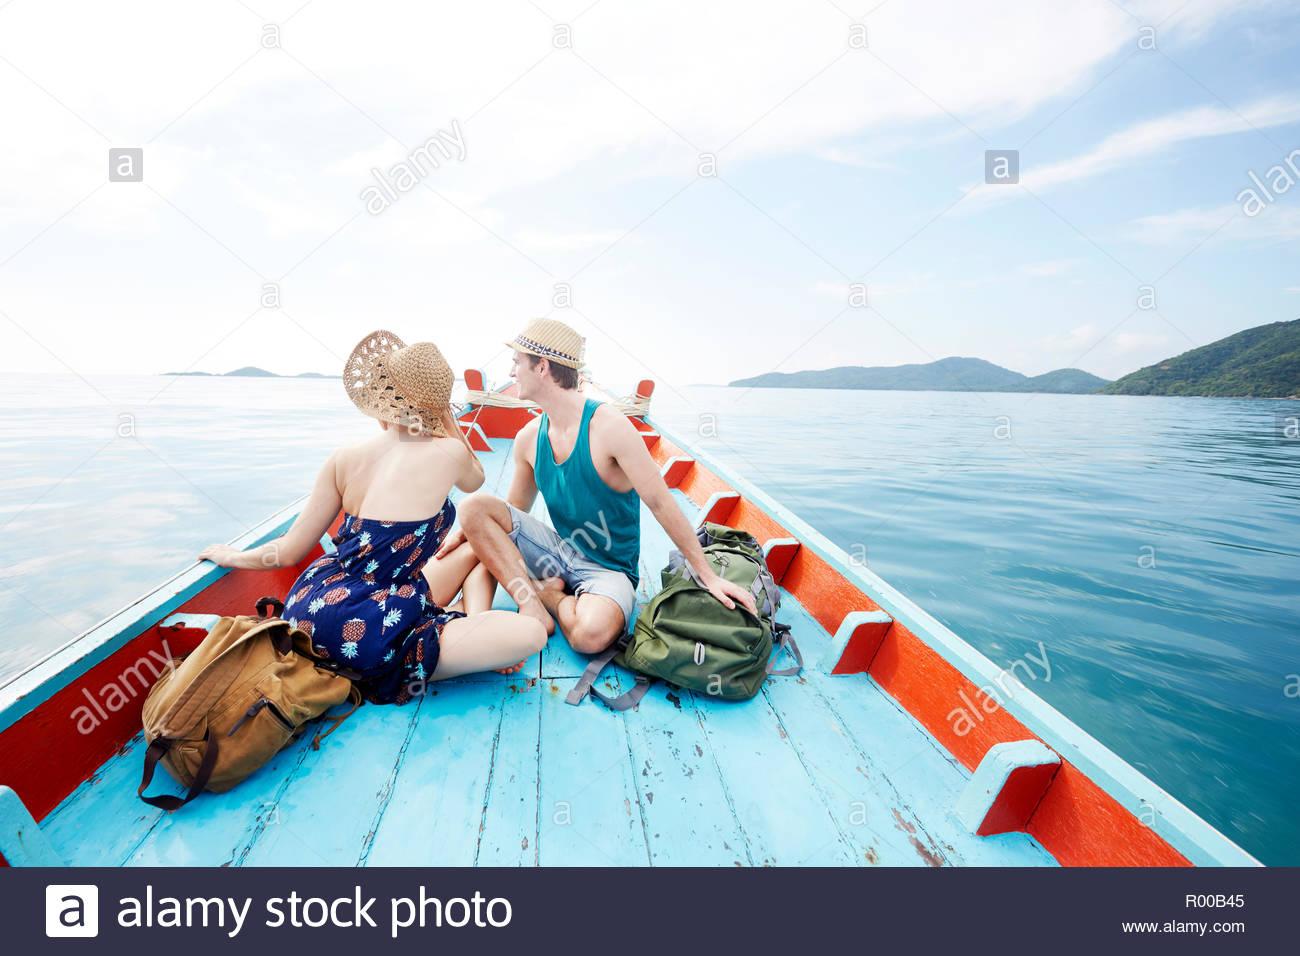 Coppia giovane sulla barca con zaini Immagini Stock